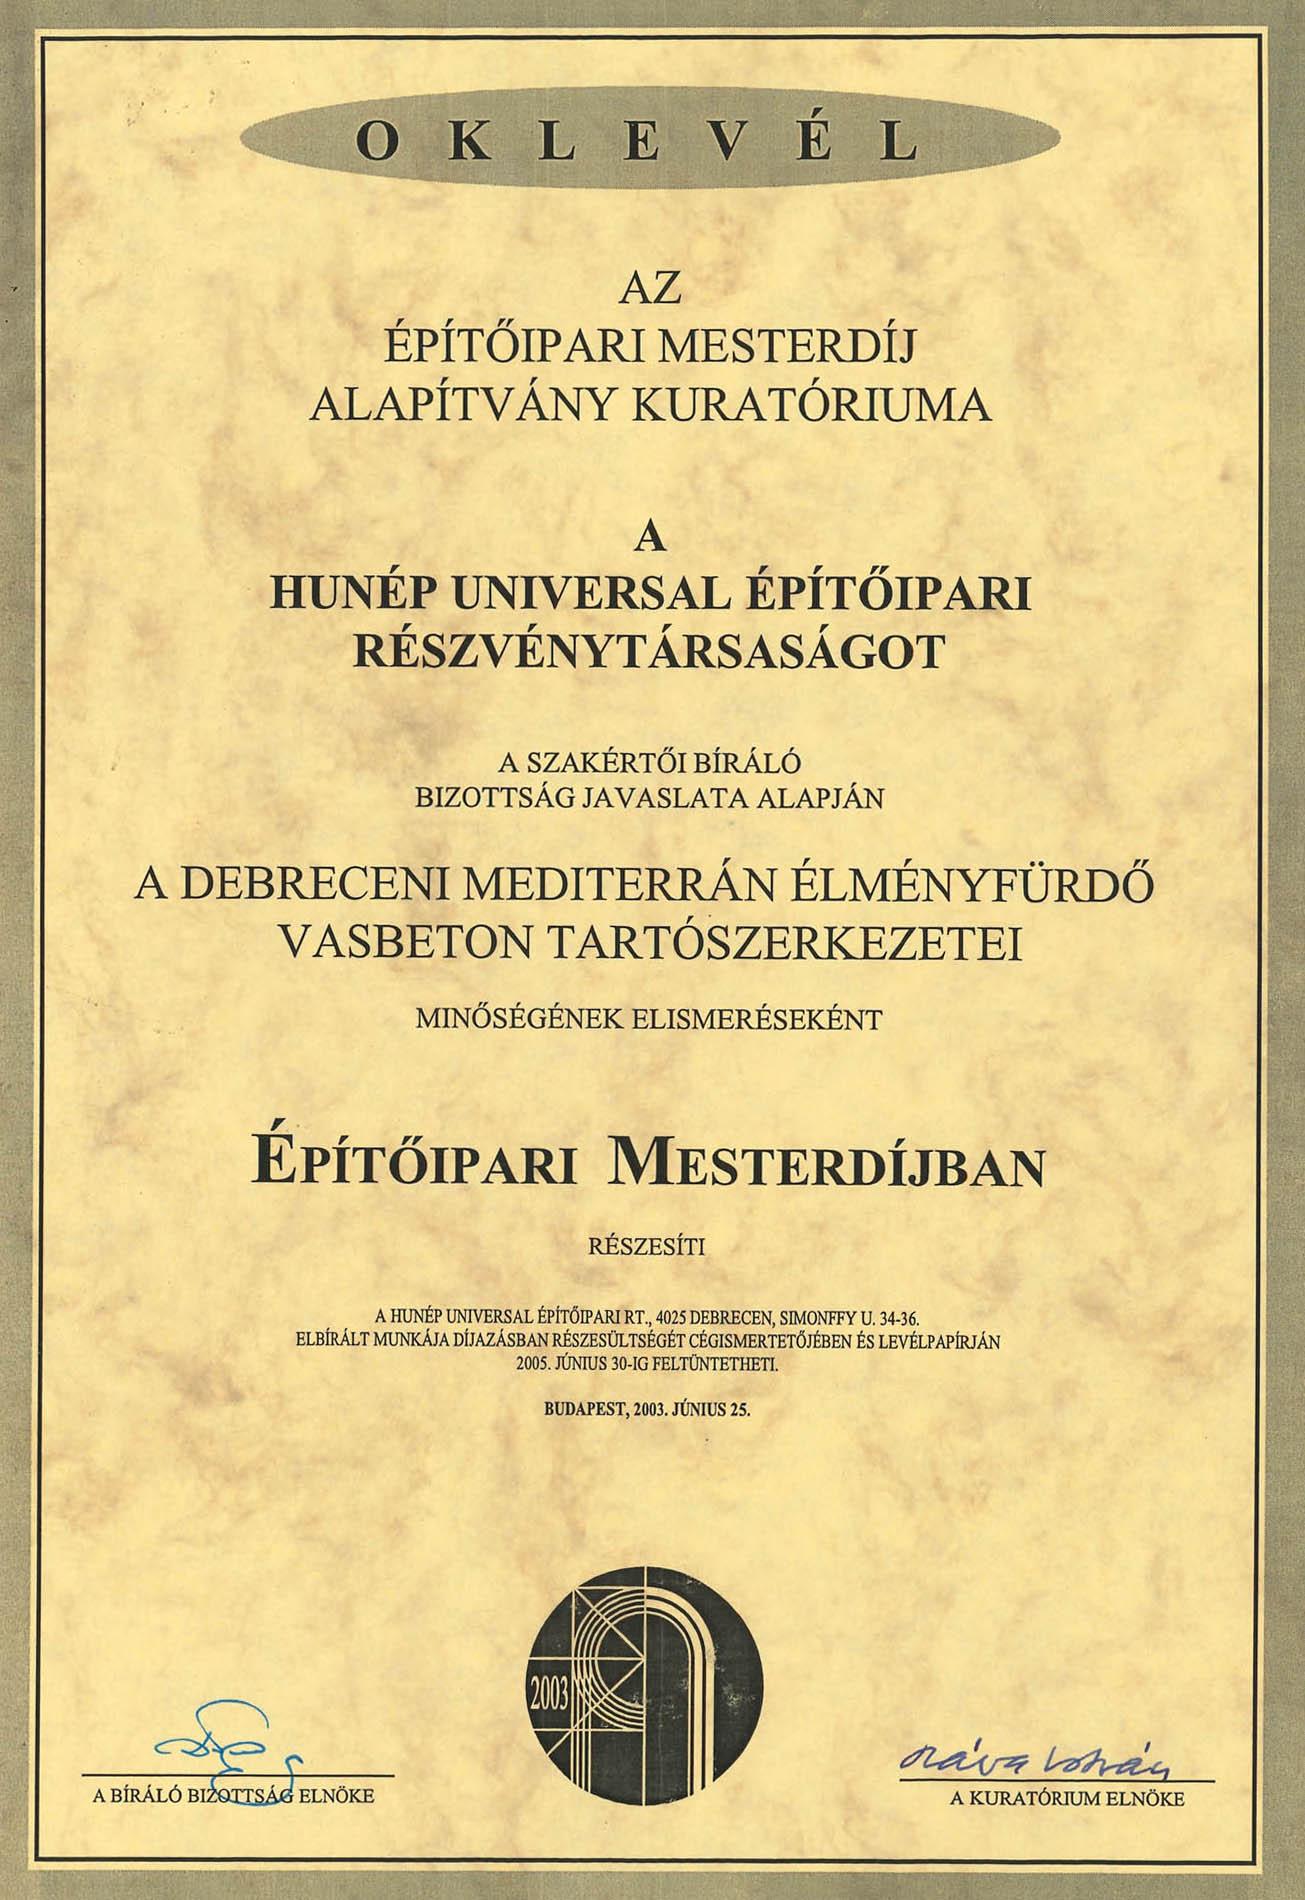 A Debreceni Mediterrán Élményfürdő vasbeton tartószerkezeteinek elismerése